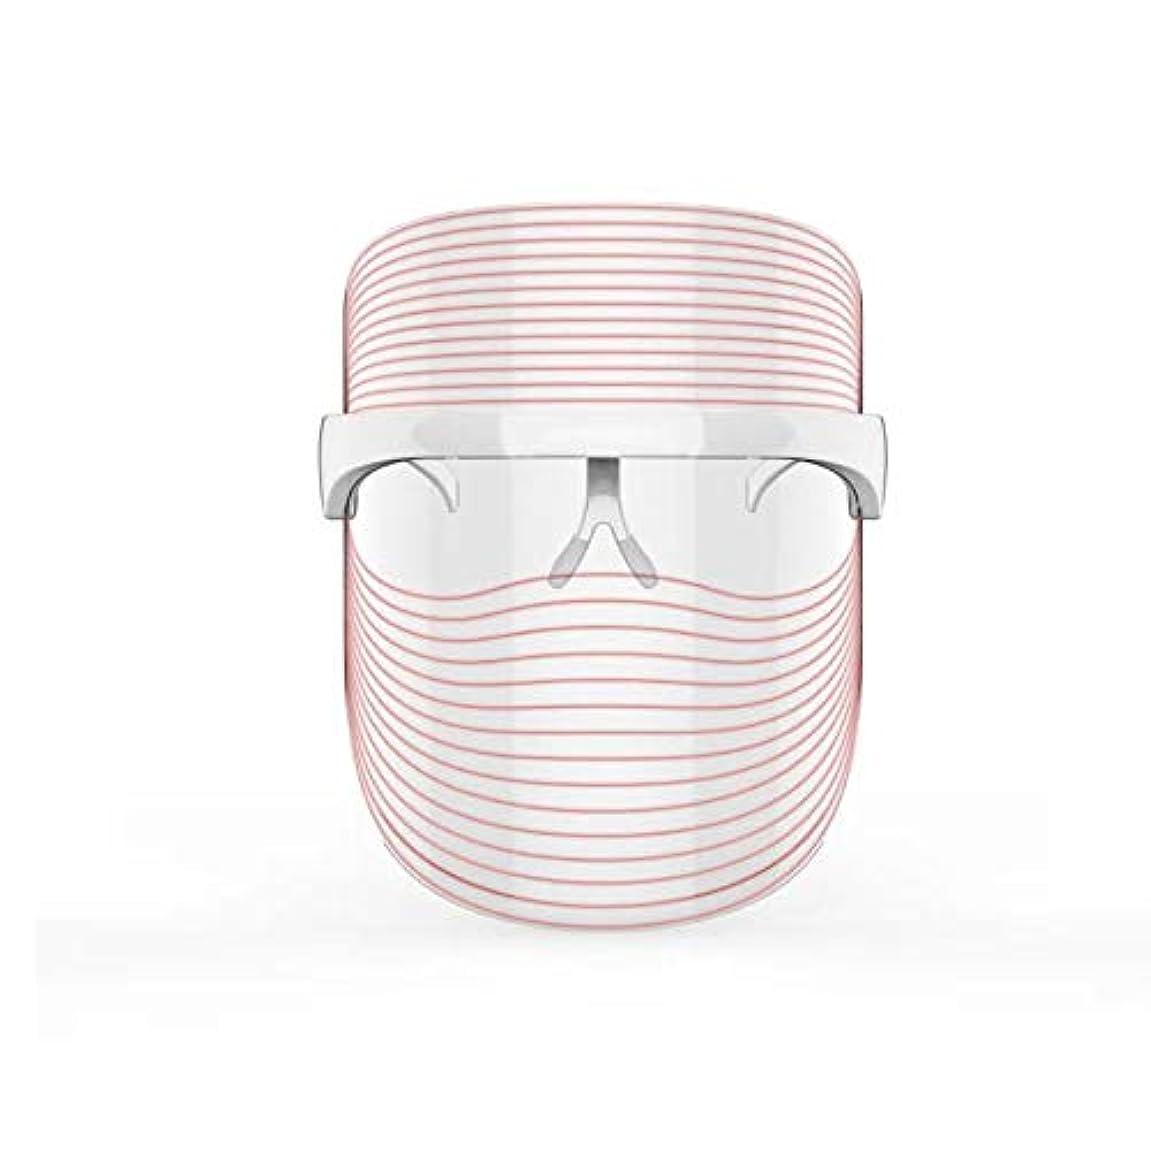 臨検誘発する肌寒い3色LEDマスクフェイス&ネックネオン白熱LEDフェイスマスク電動フェイシャルスキンケアフェイススキンビューティー